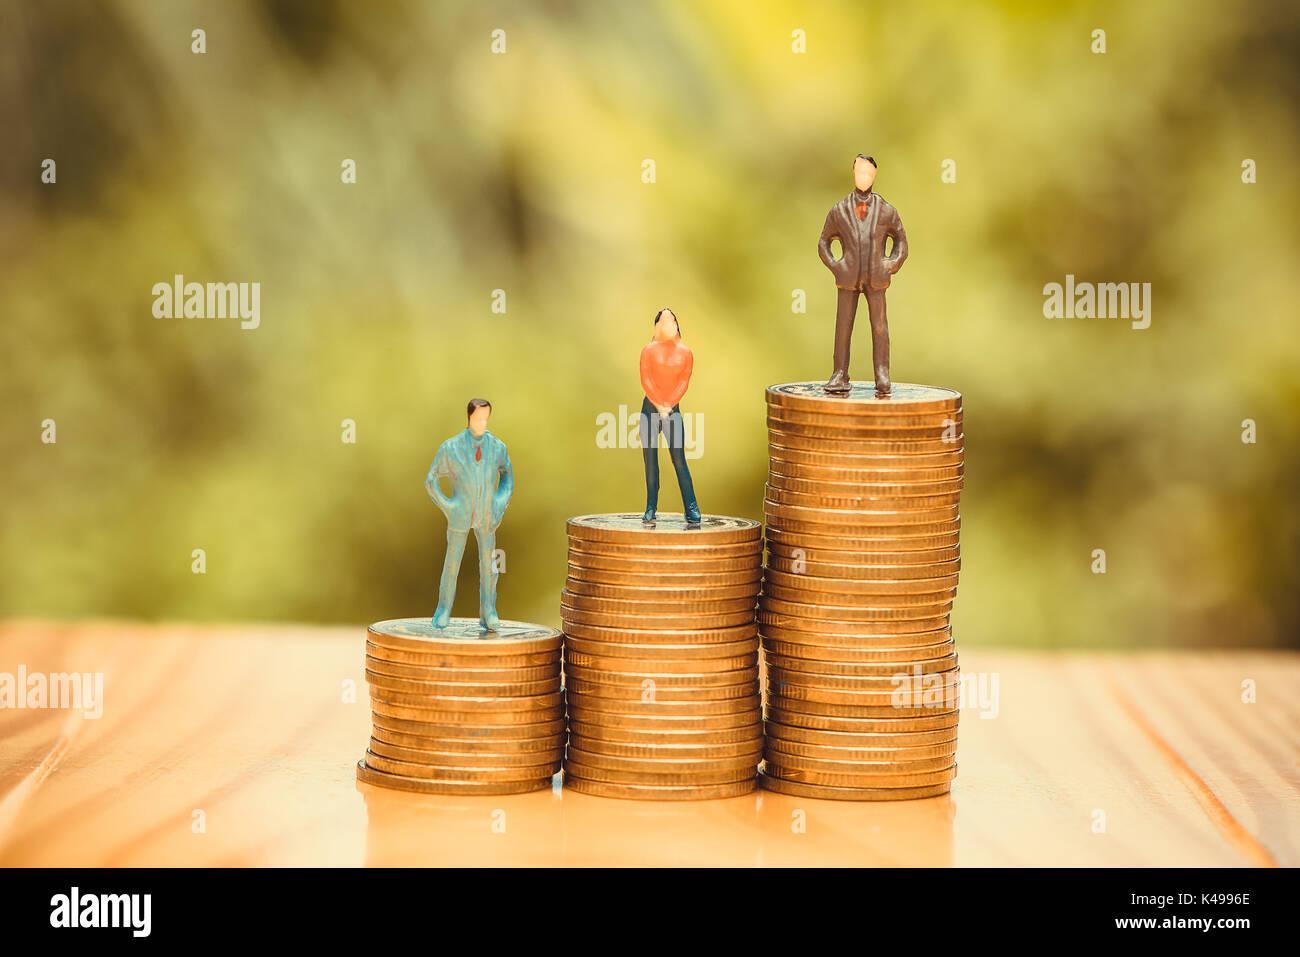 Les gens miniature, petits chiffres d'affaires et femme sur le dessus des pièces. L'argent et des finances, la croissance de l'entreprise concept. L'accent peu profonds dans des tons doux. Photo Stock